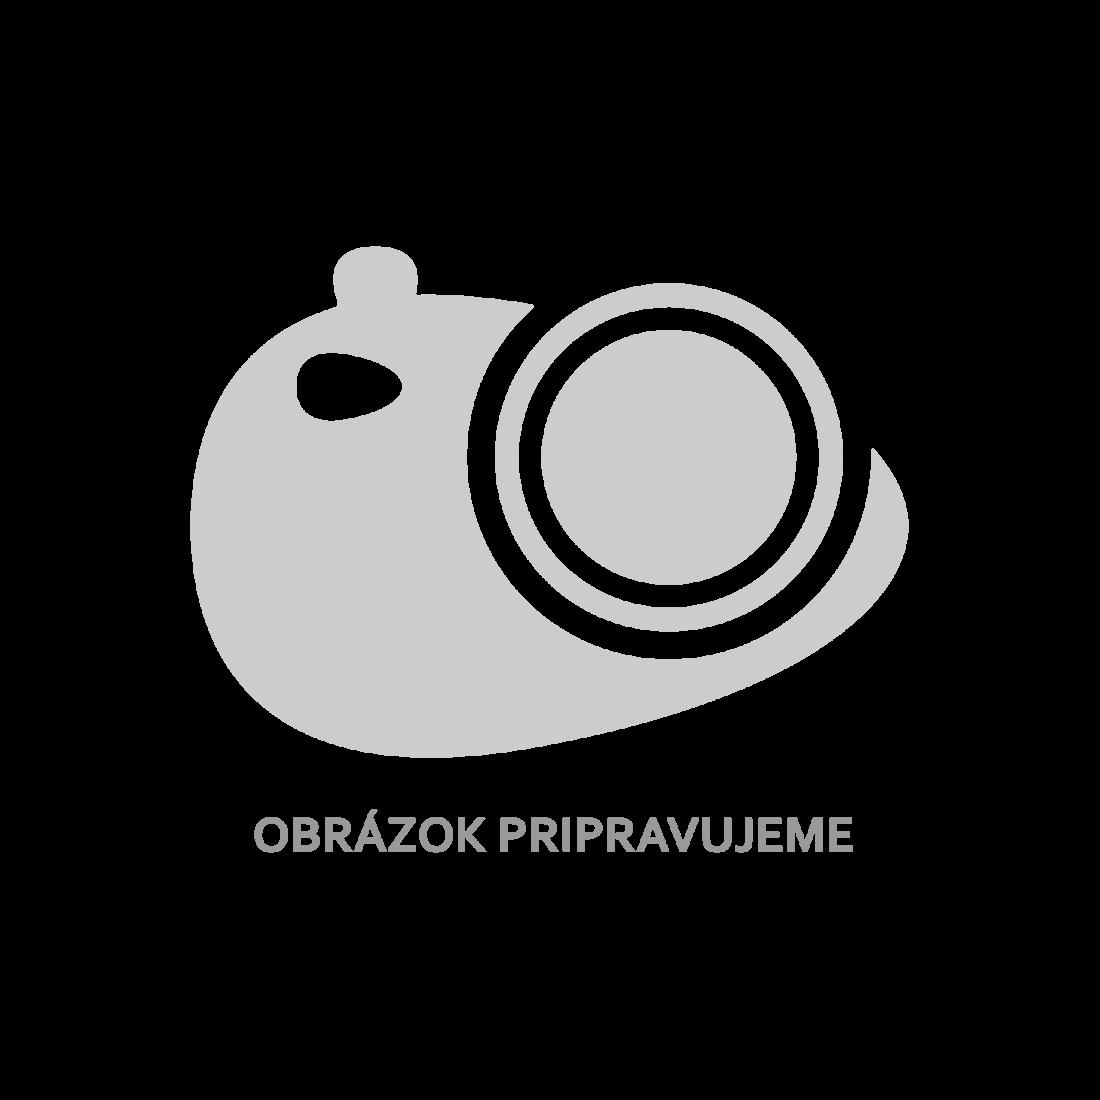 vidaXL Zahradní barový stůl hnědý 140,5 x 60,5 x 110,5 cm polyratan [45876]